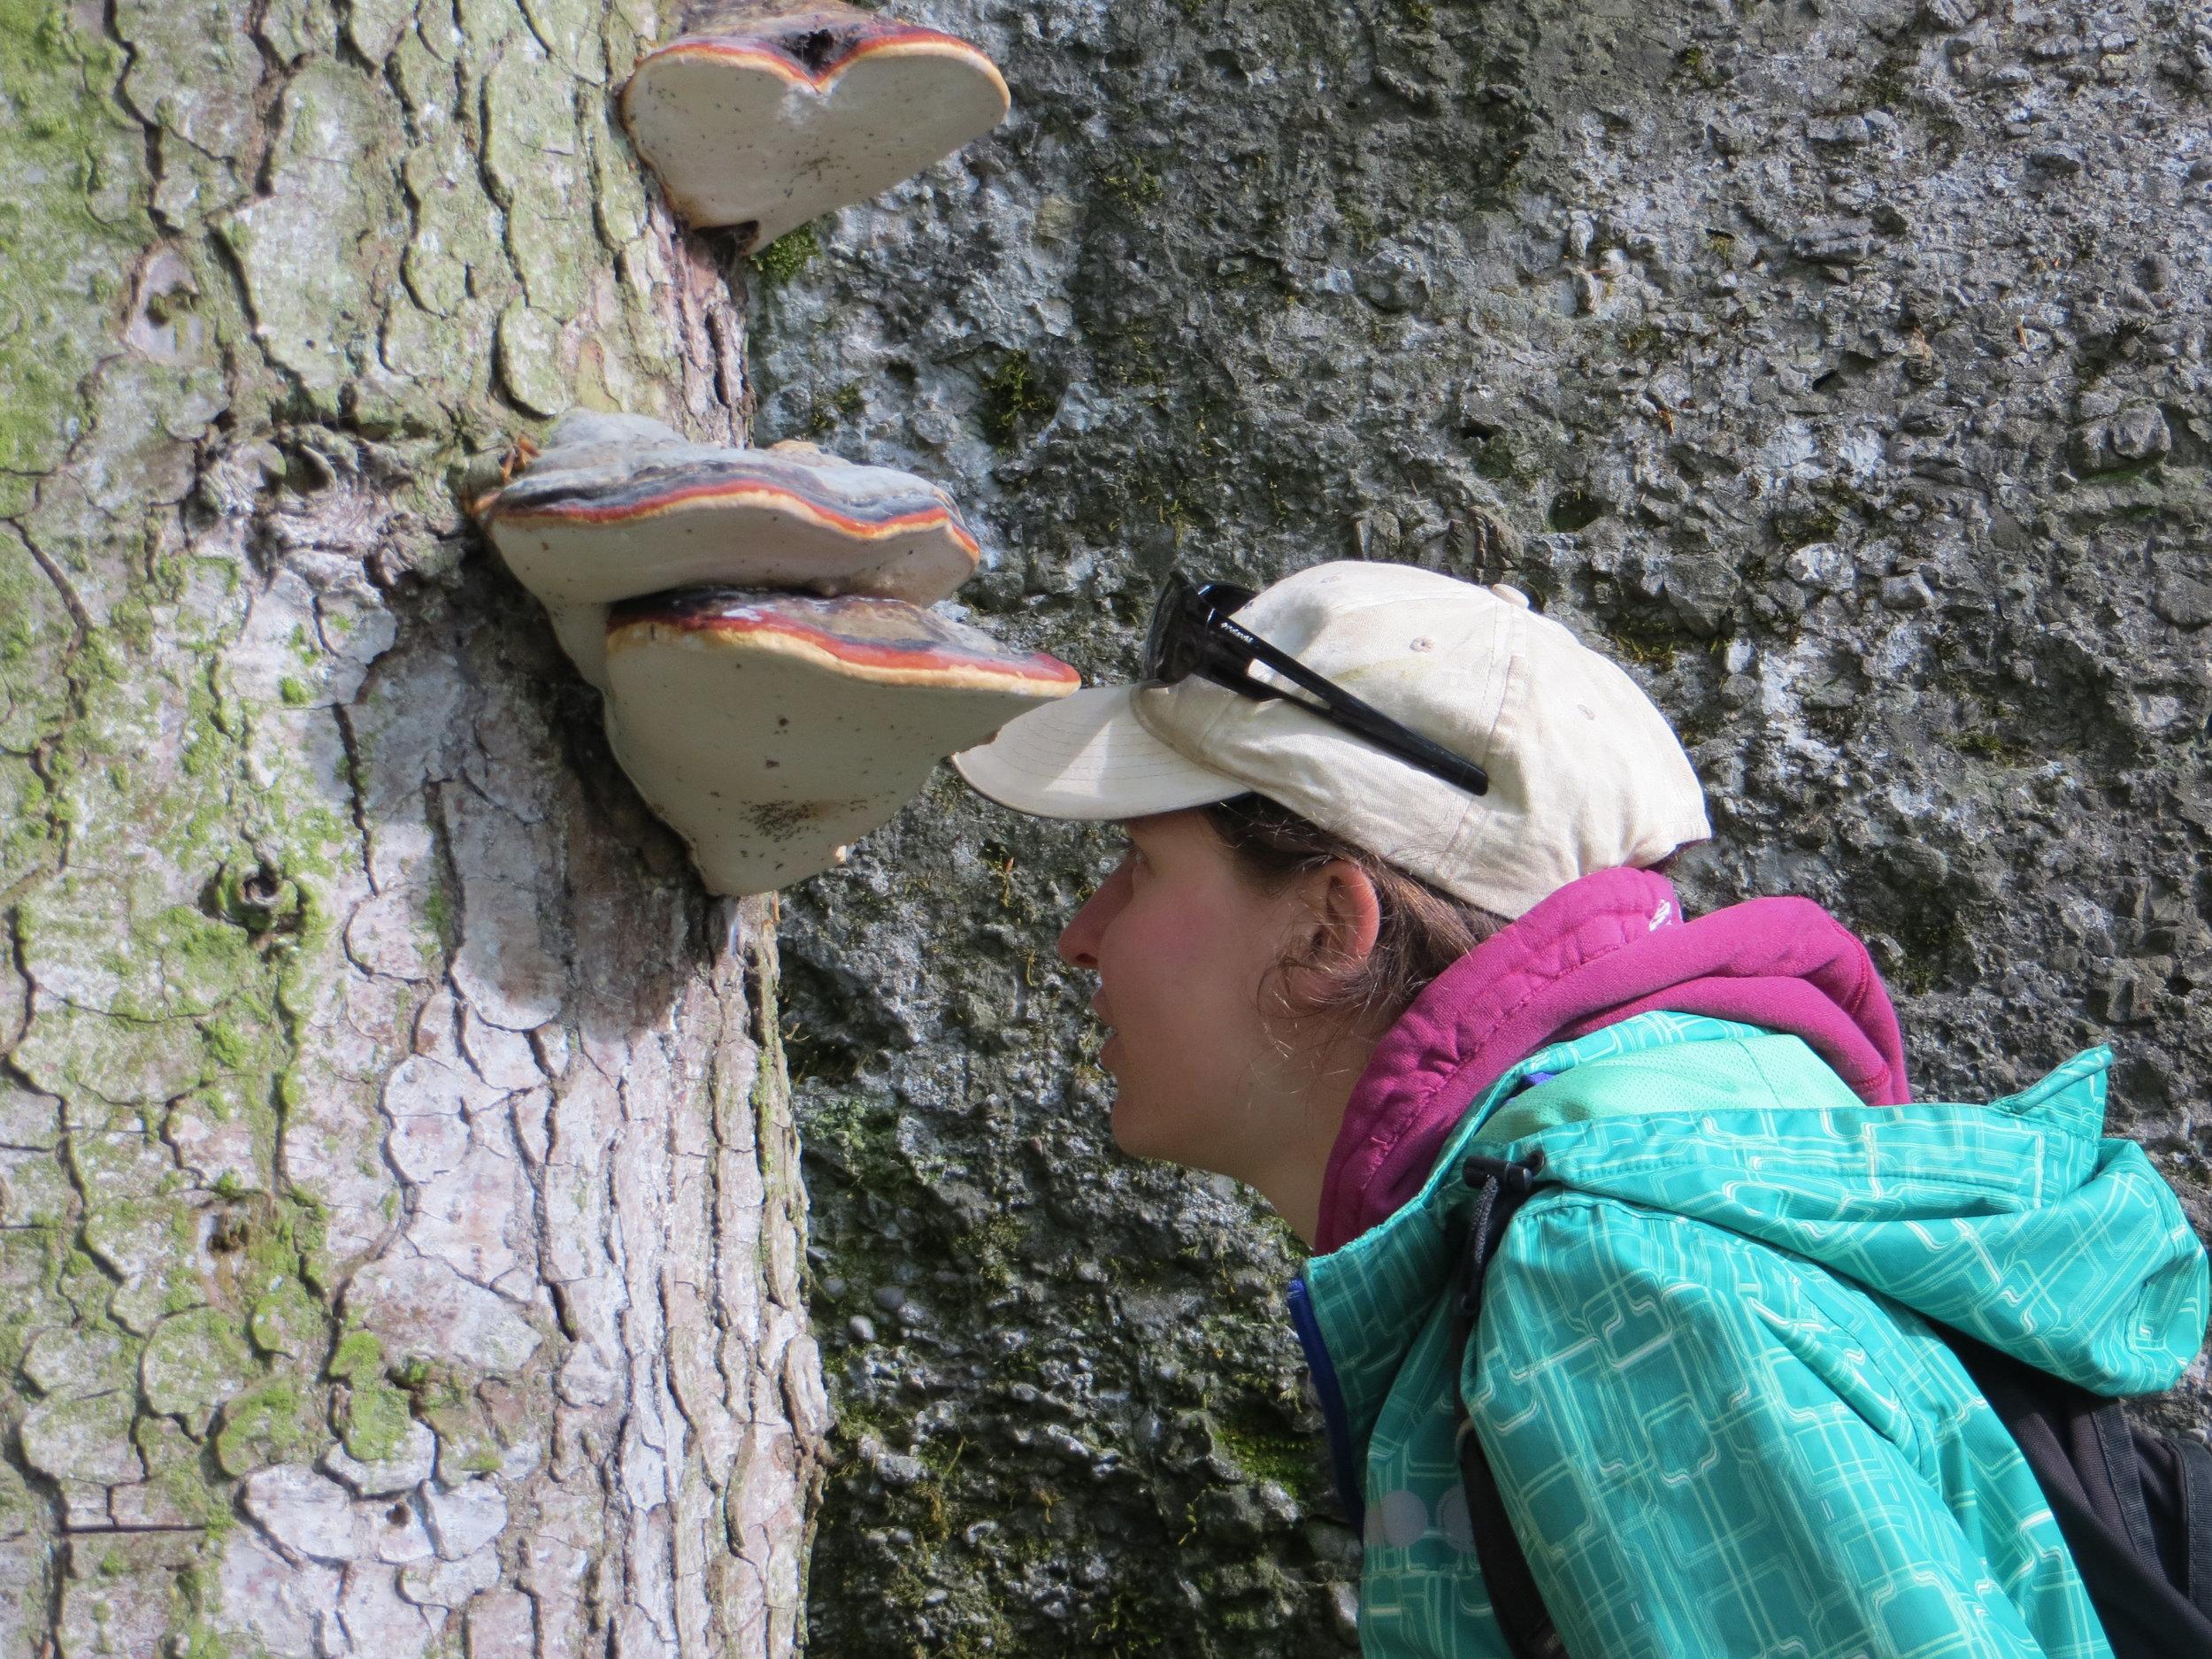 Auf Augenhöhe mit der Natur: Mit Freude und Stauen die Vielfalt betrachten und daraus lernen.